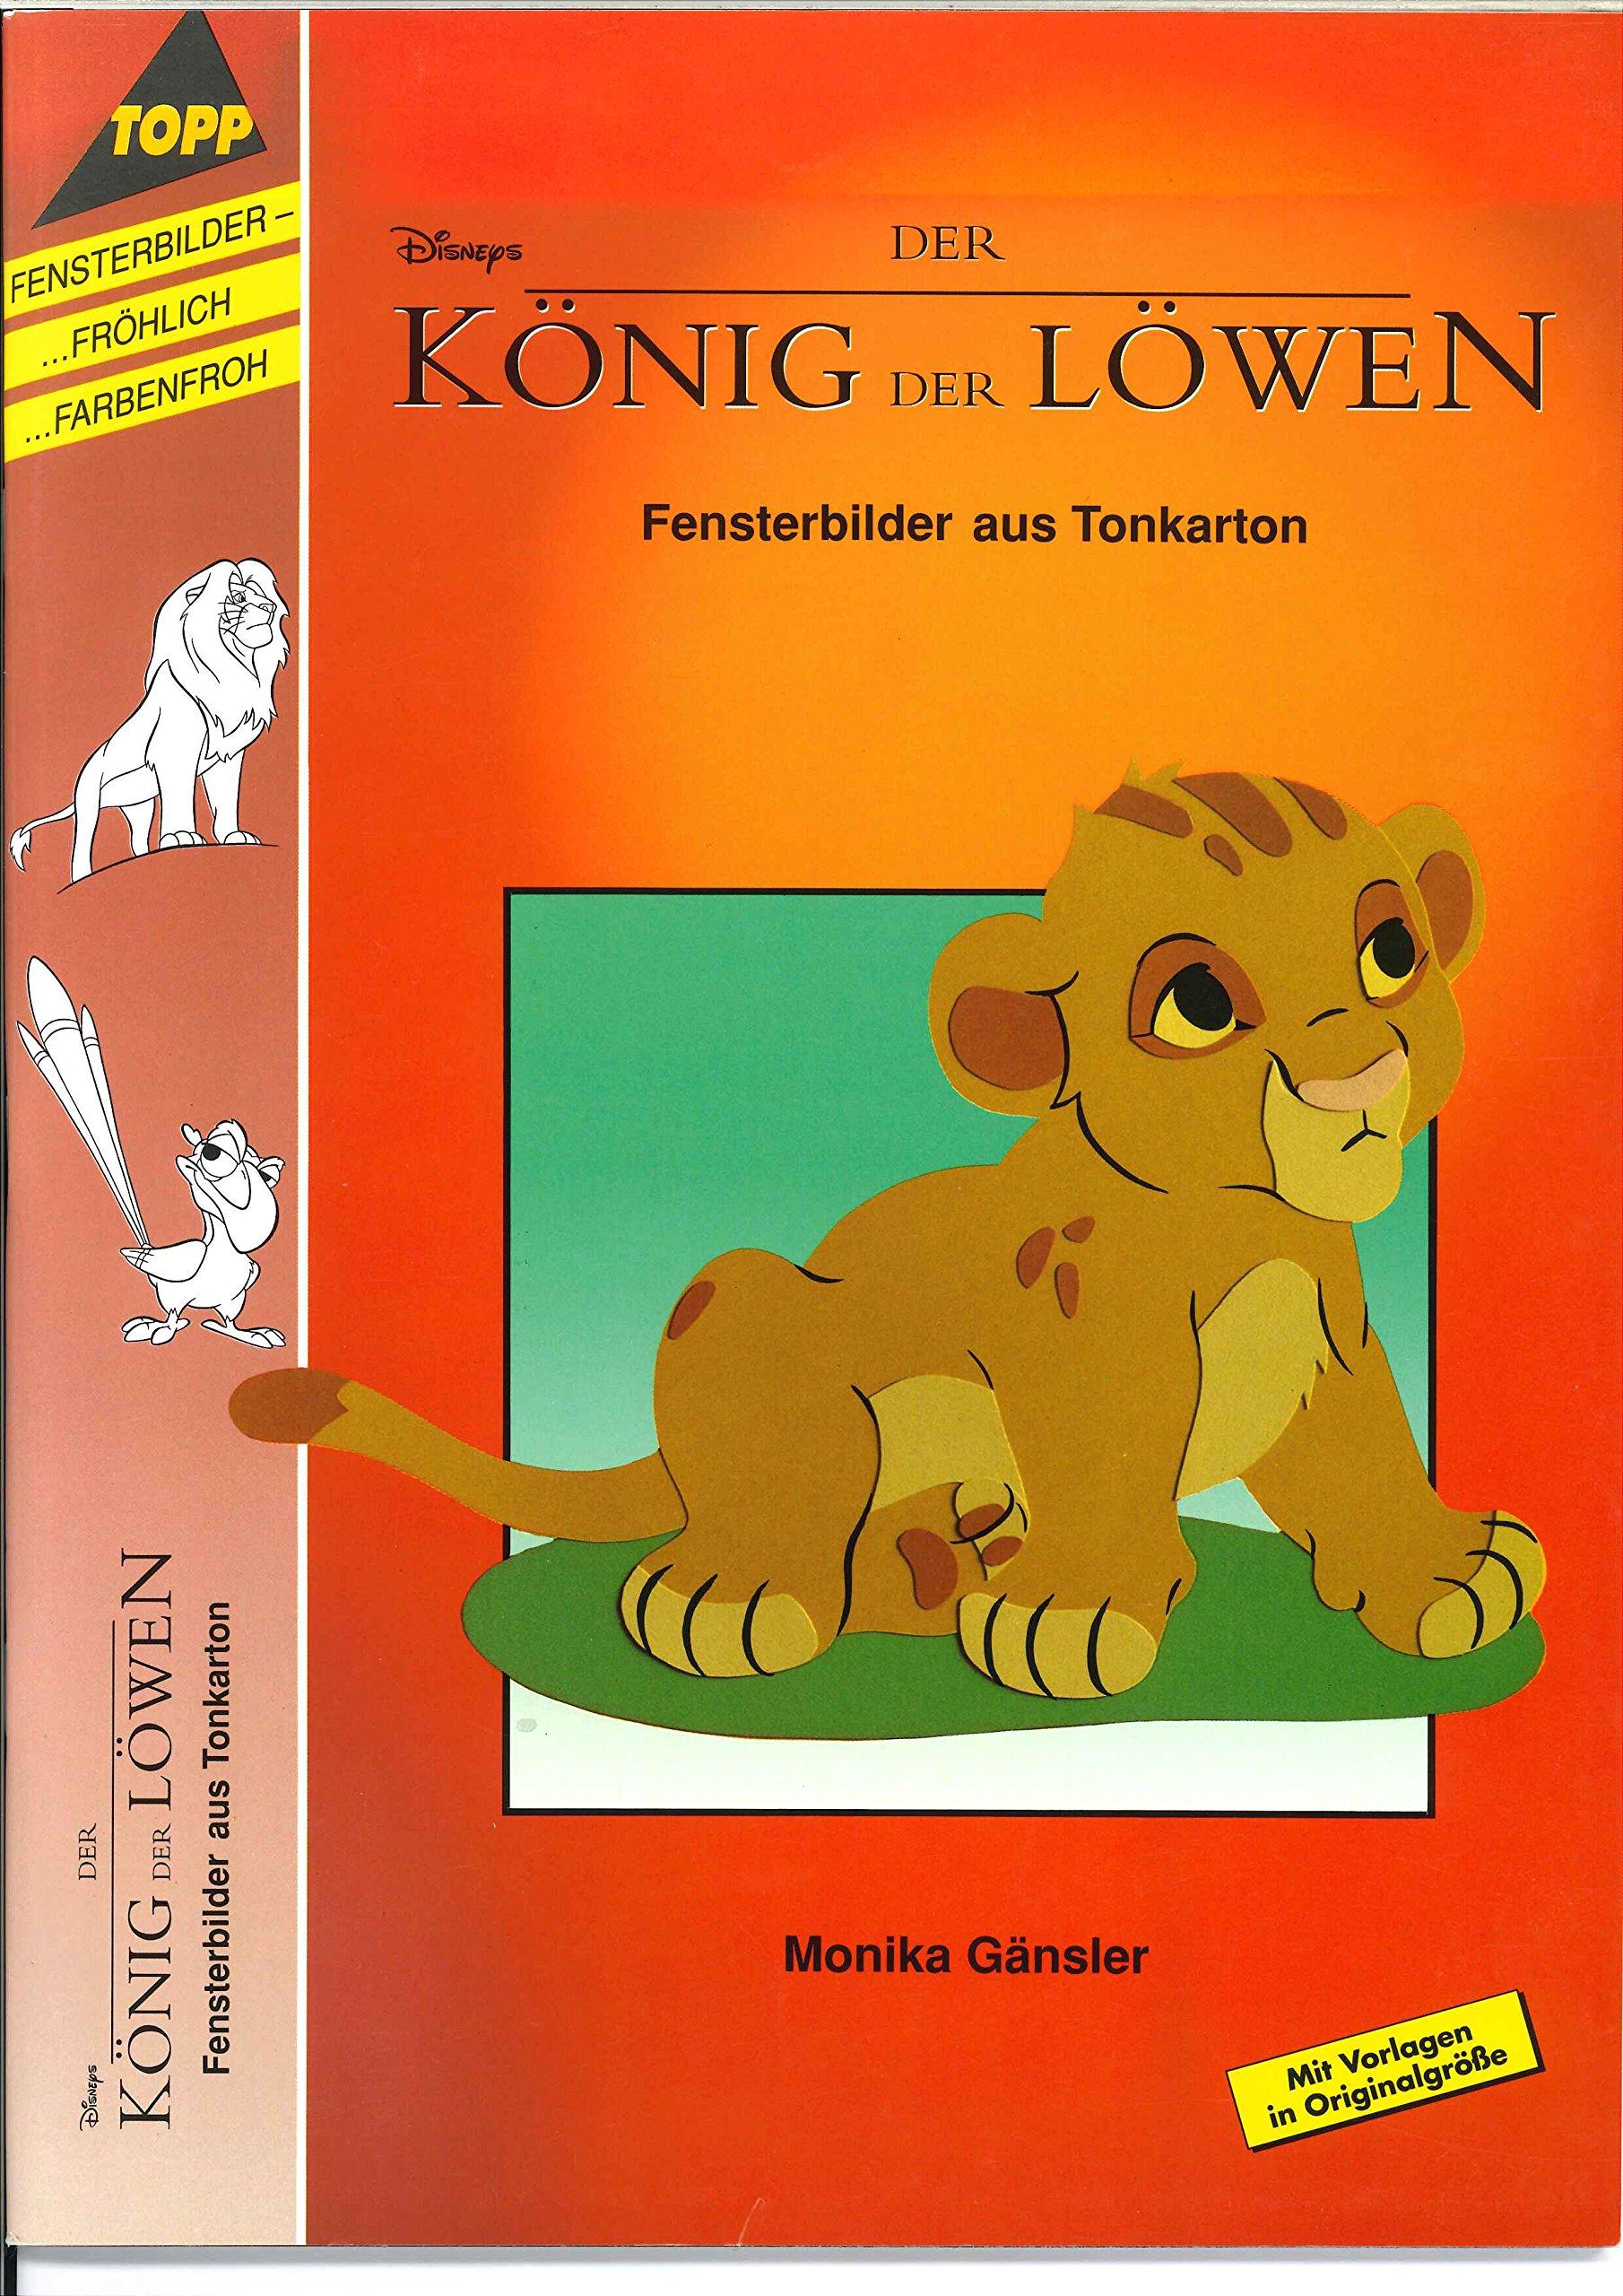 der-knig-der-lwen-disney-fensterbilder-aus-tonkarton